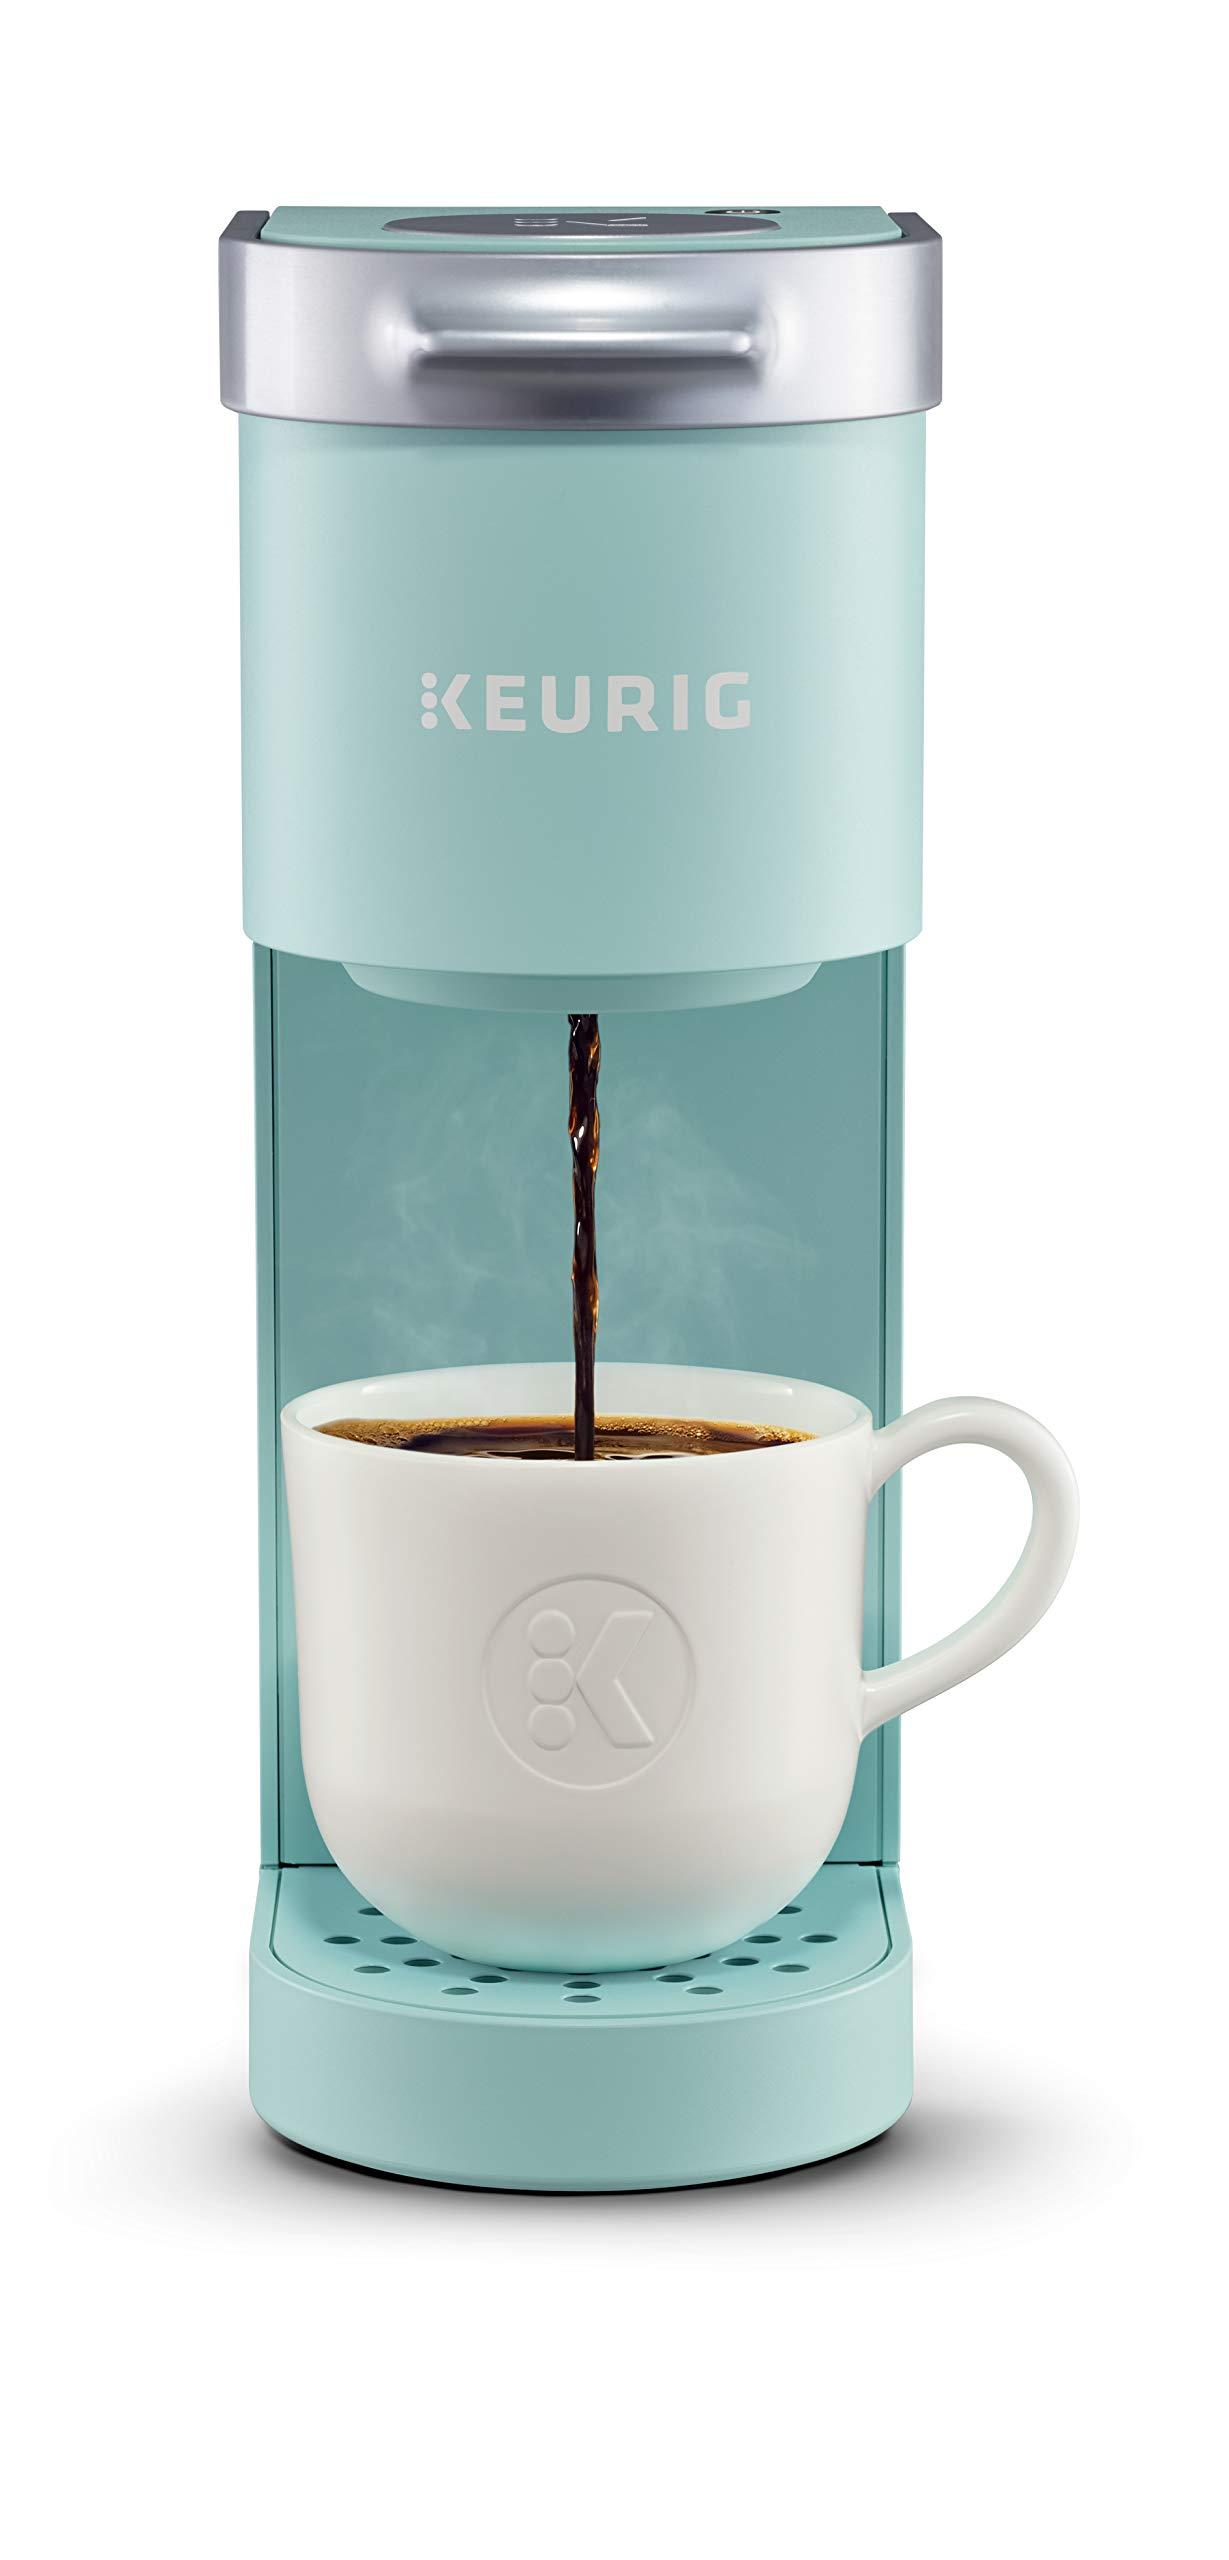 Keurig K-Mini Single Serve Coffee Maker, Oasis